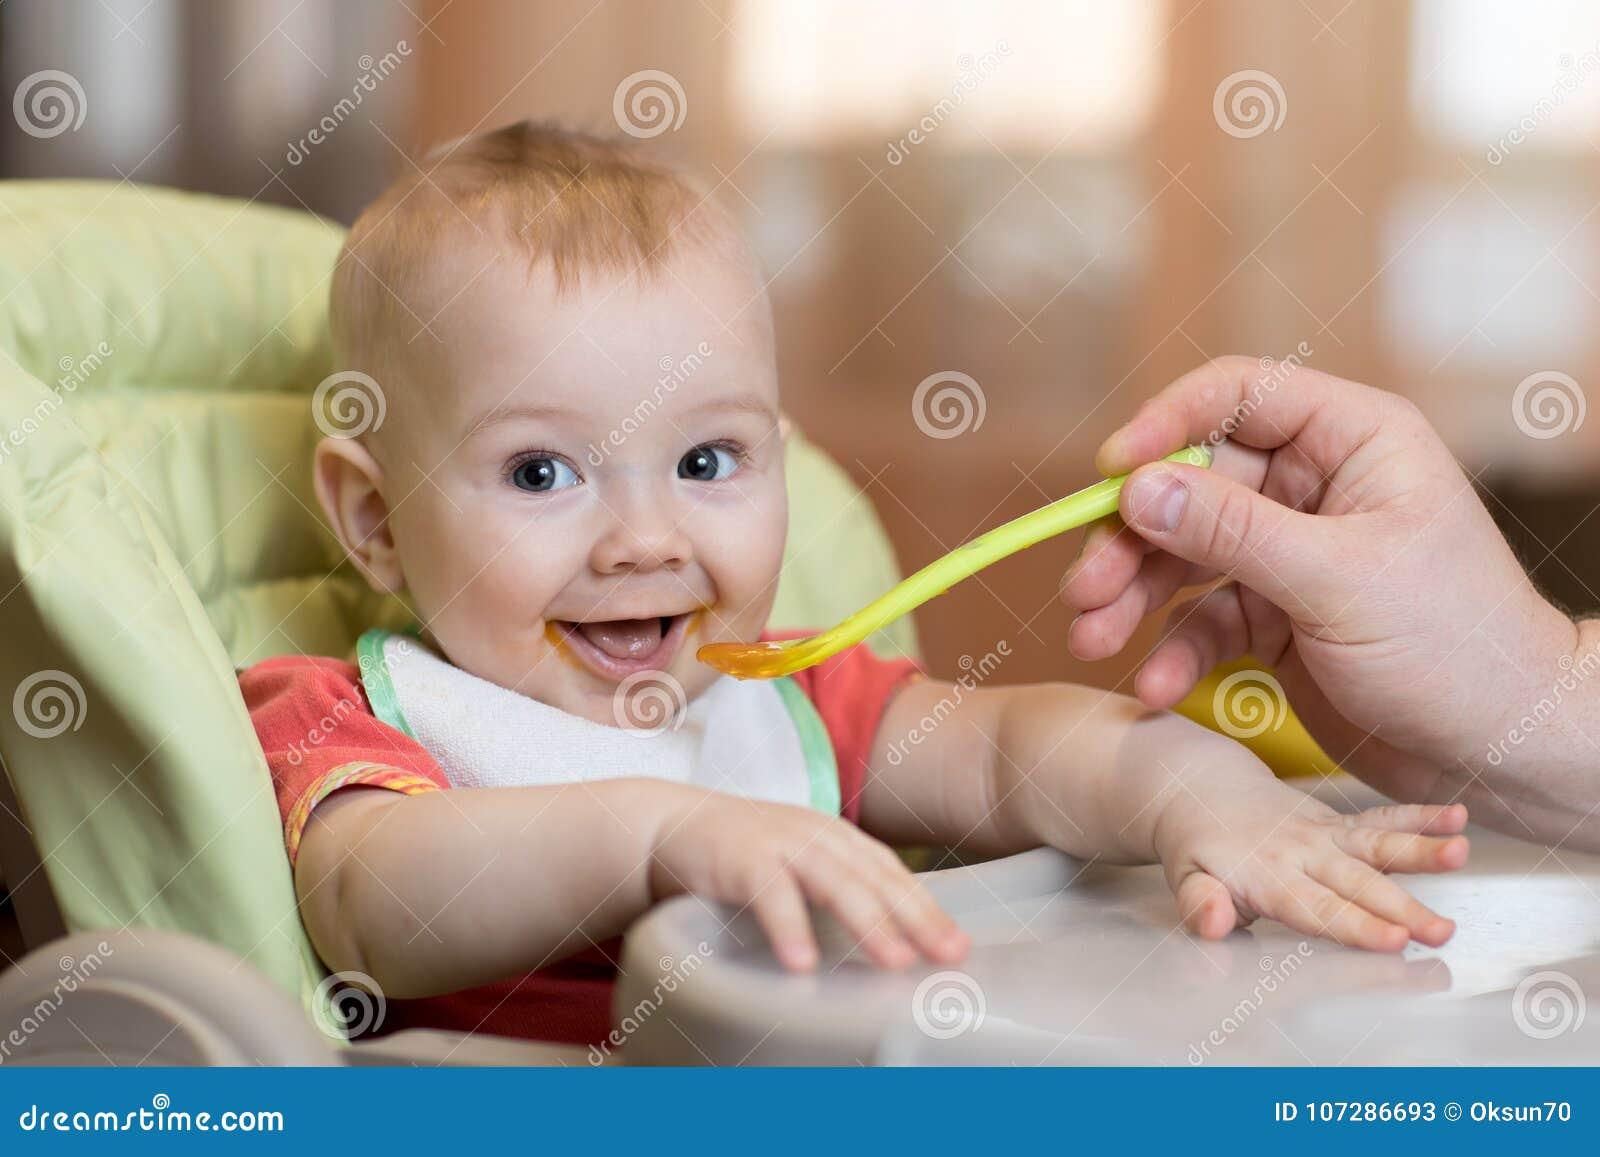 Младенец есть еду с помощью отца